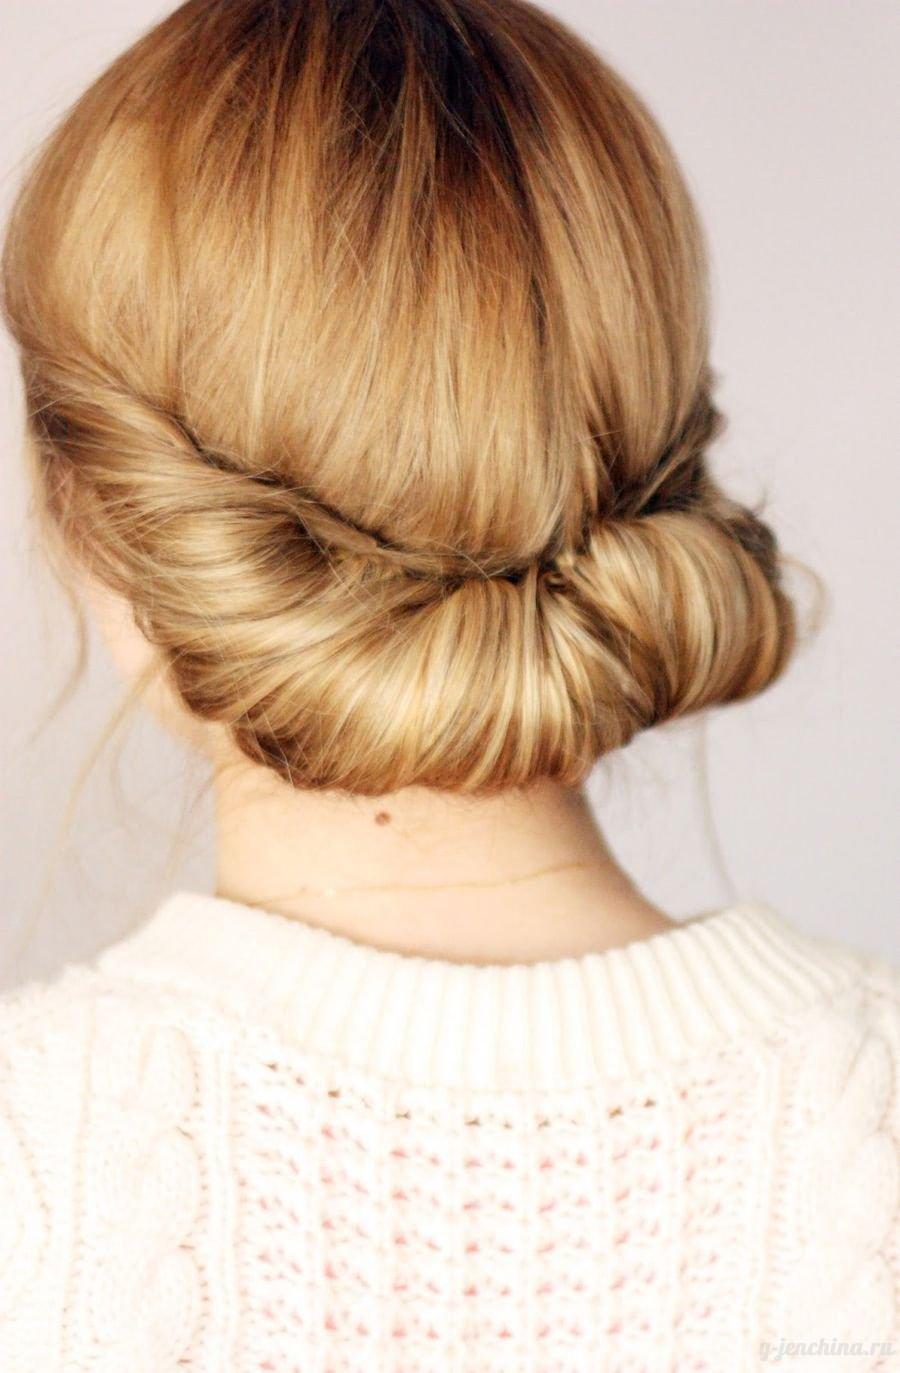 Прически на волосы до плеч: 10 красивых причесок с фото